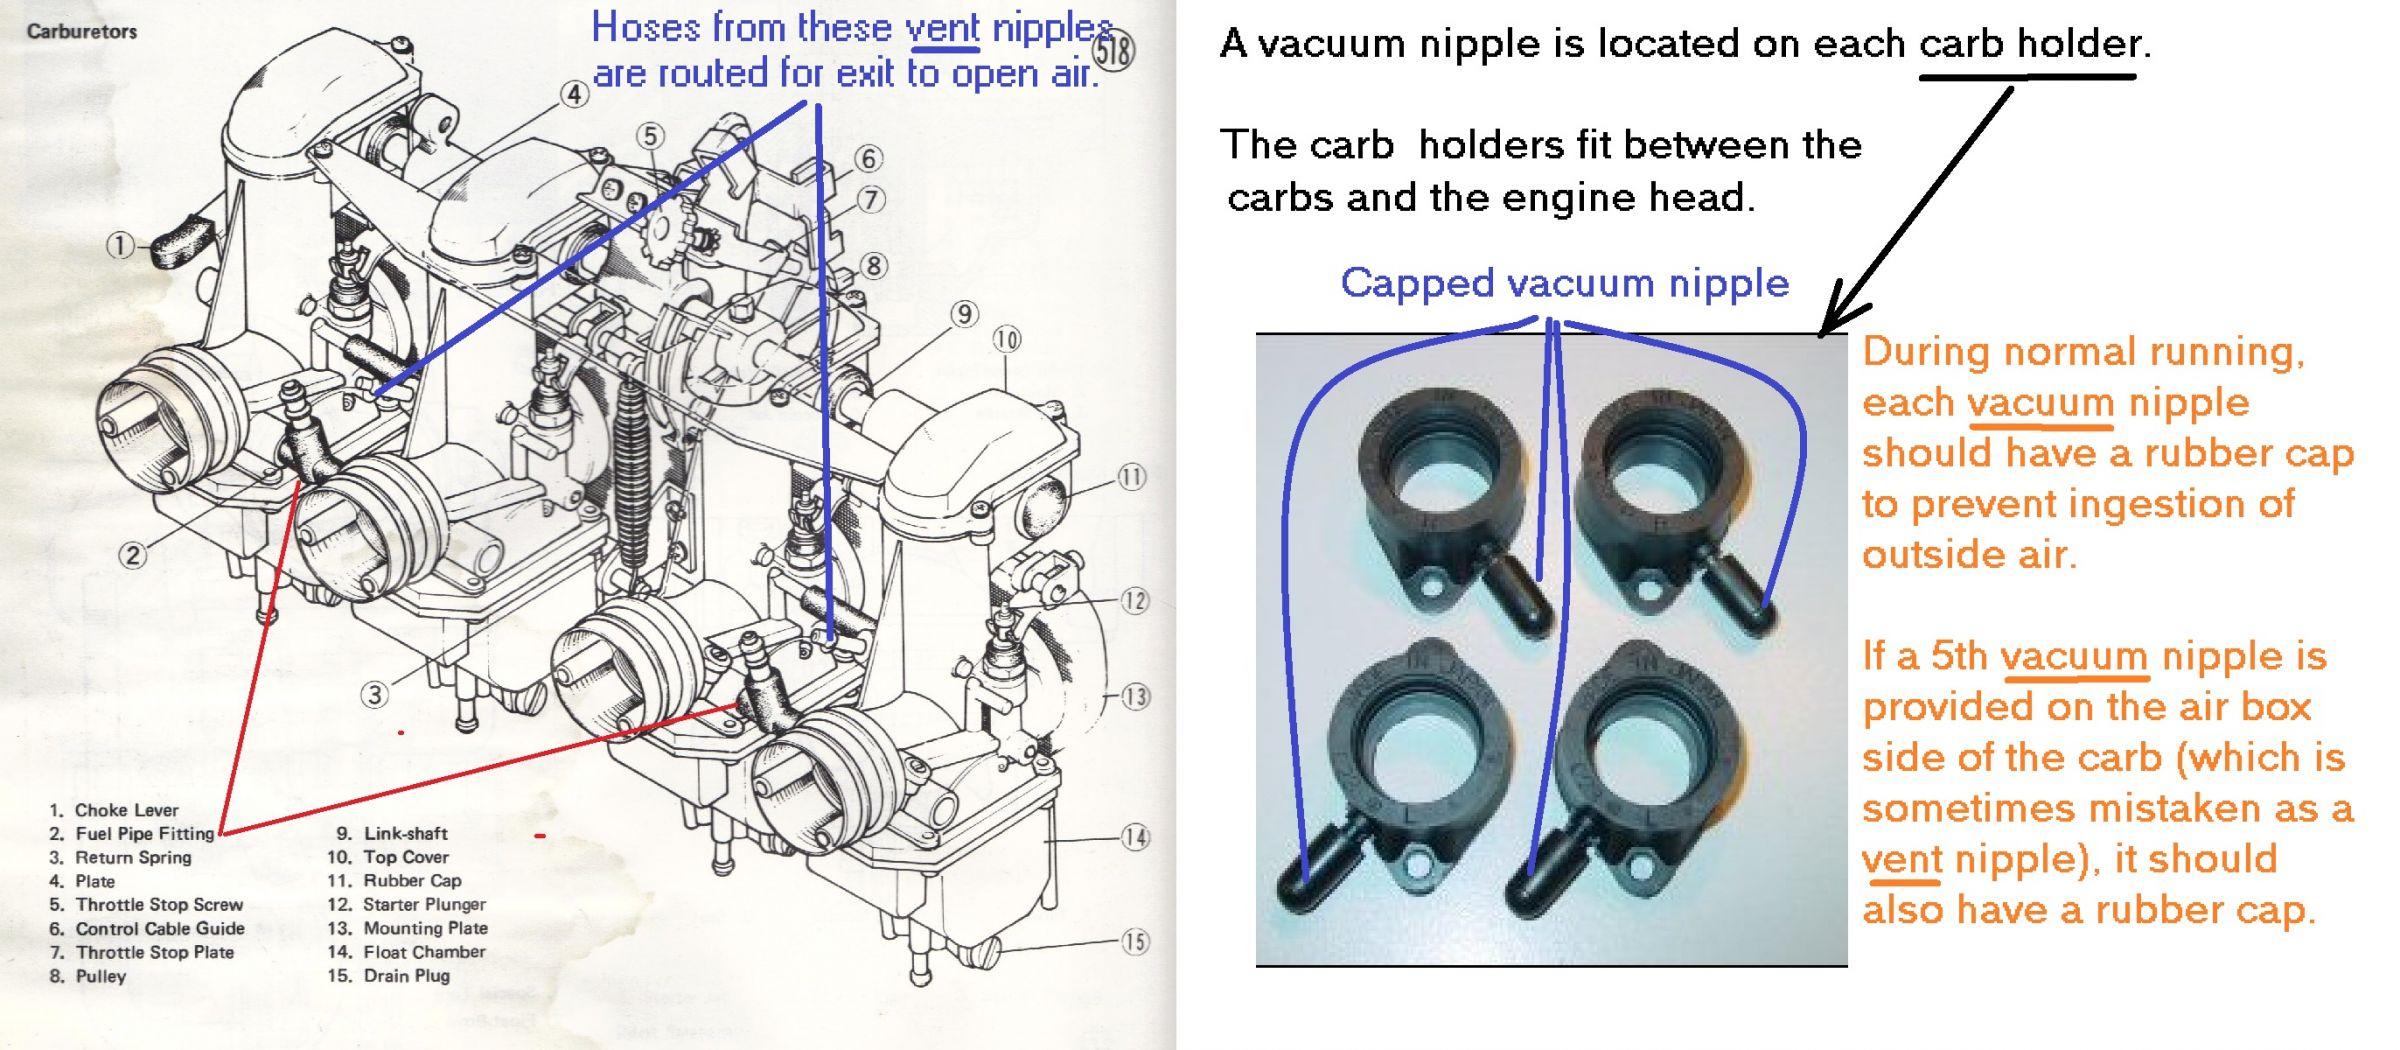 Carbskz Carbstextvacvent on Wiring Diagram For 1978 Suzuki Gs 750